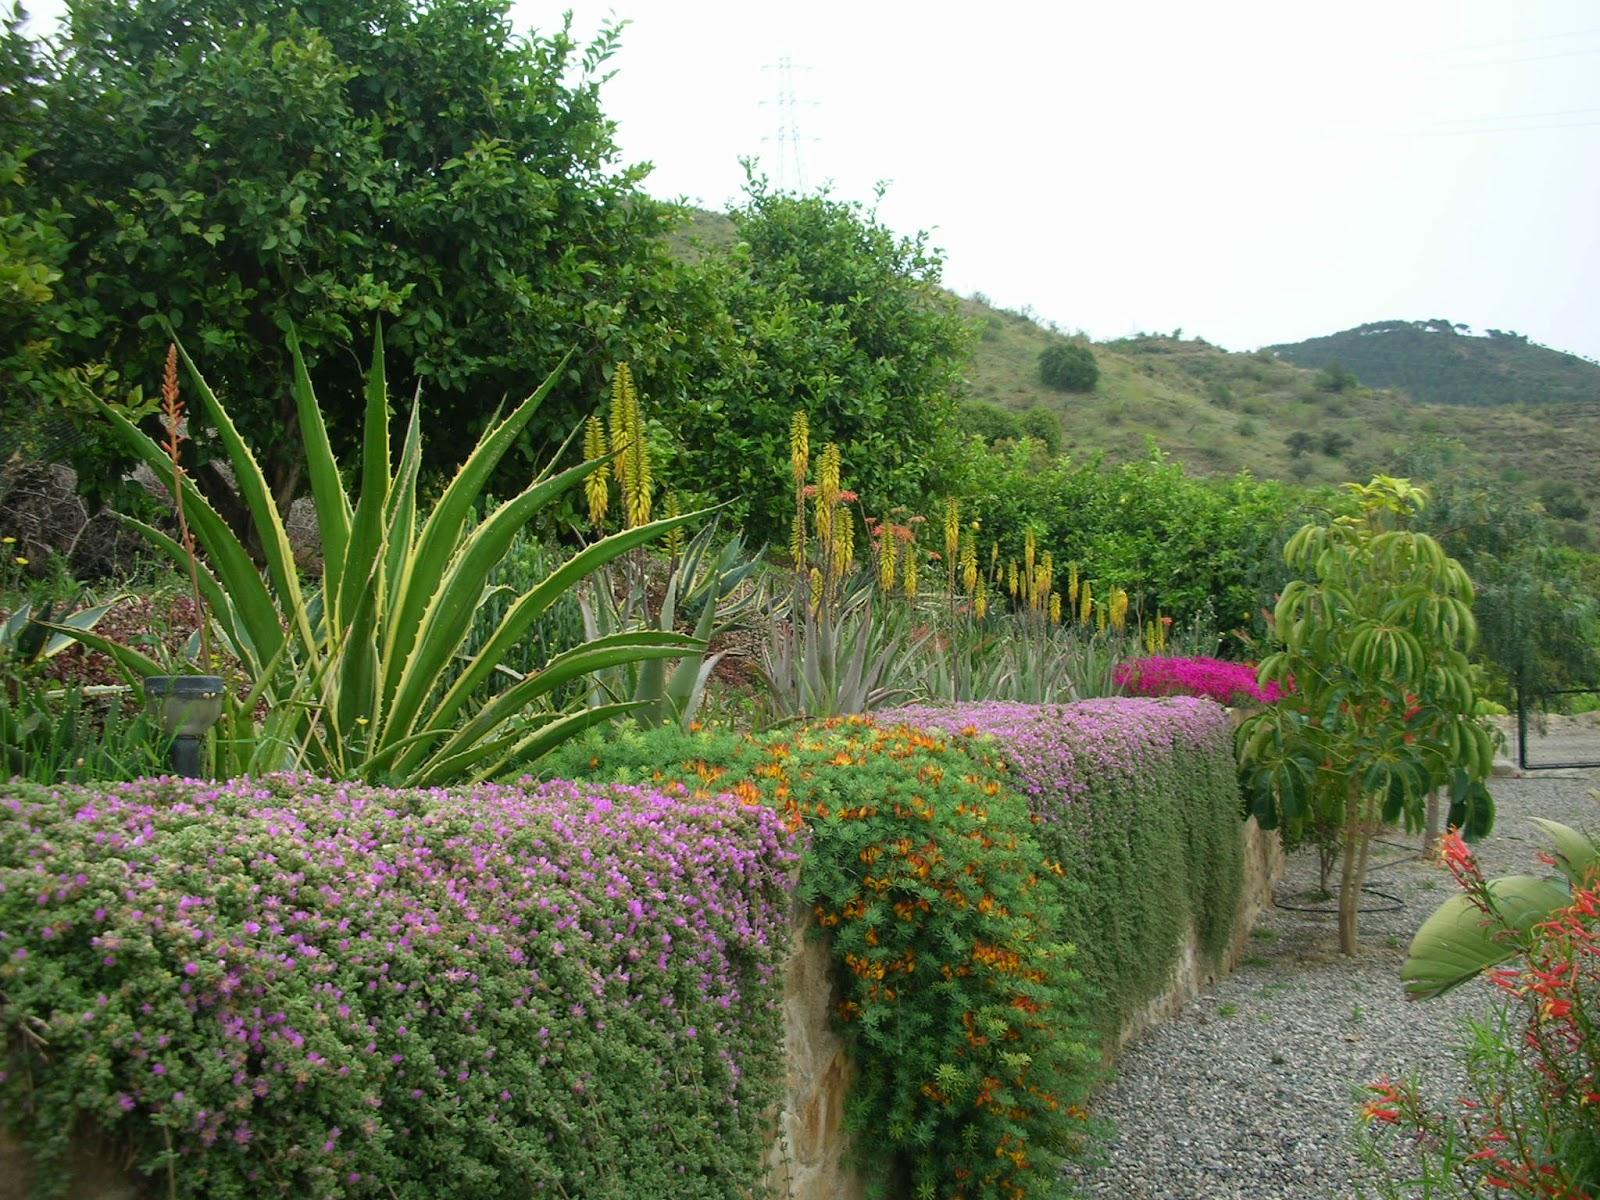 Arte y jardiner a directrices de dise o de un jard n - Plantas para arriates ...